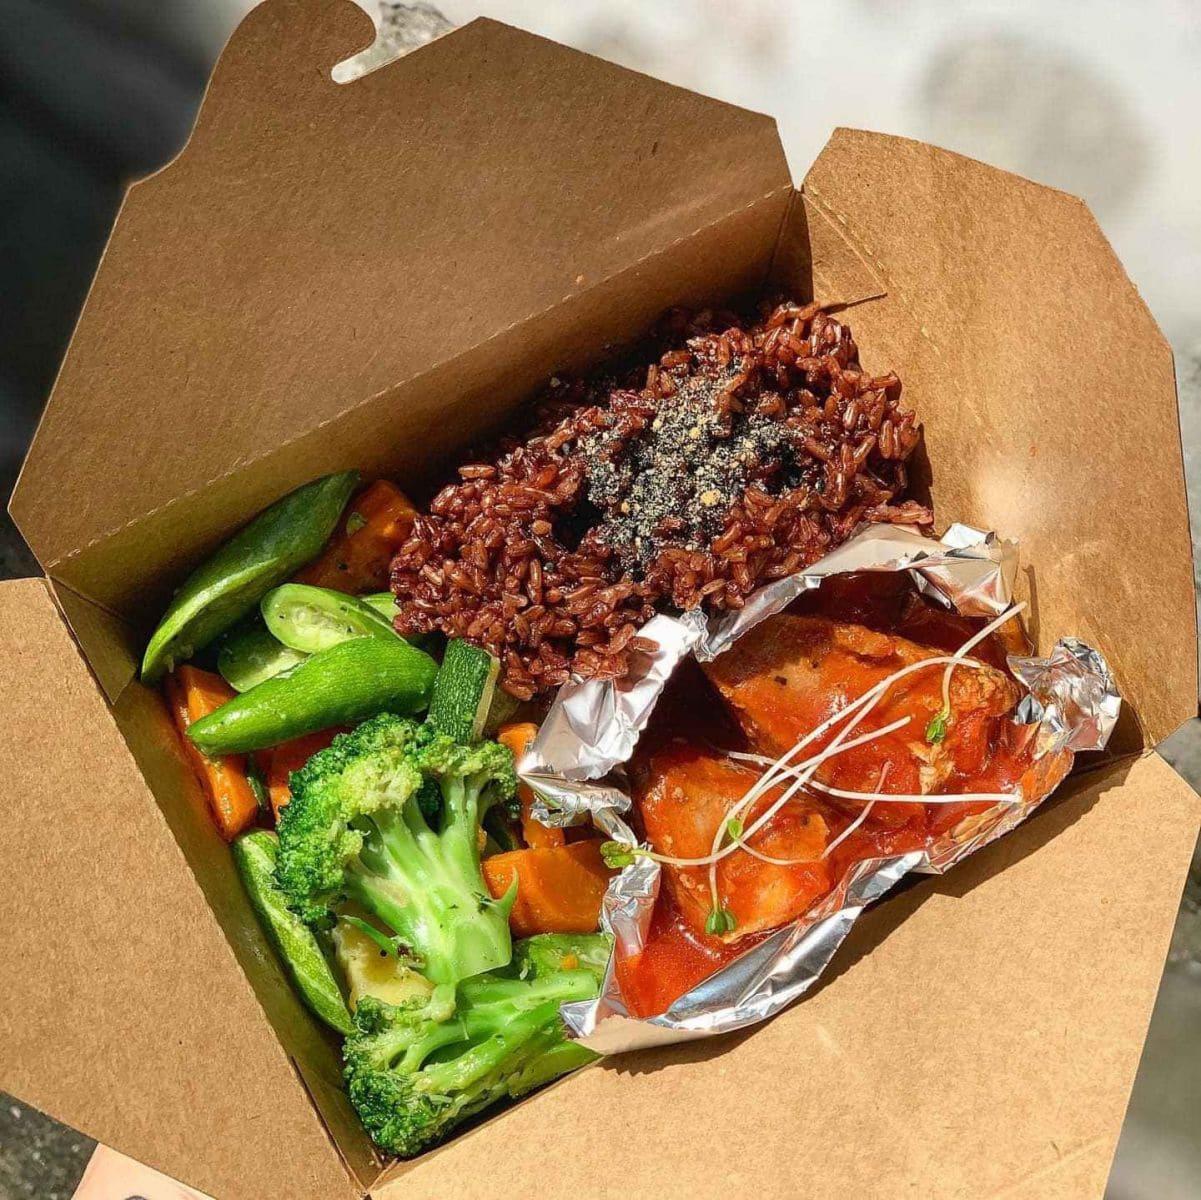 Mẫu hộp giấy cứng đựng thức ăn nóng